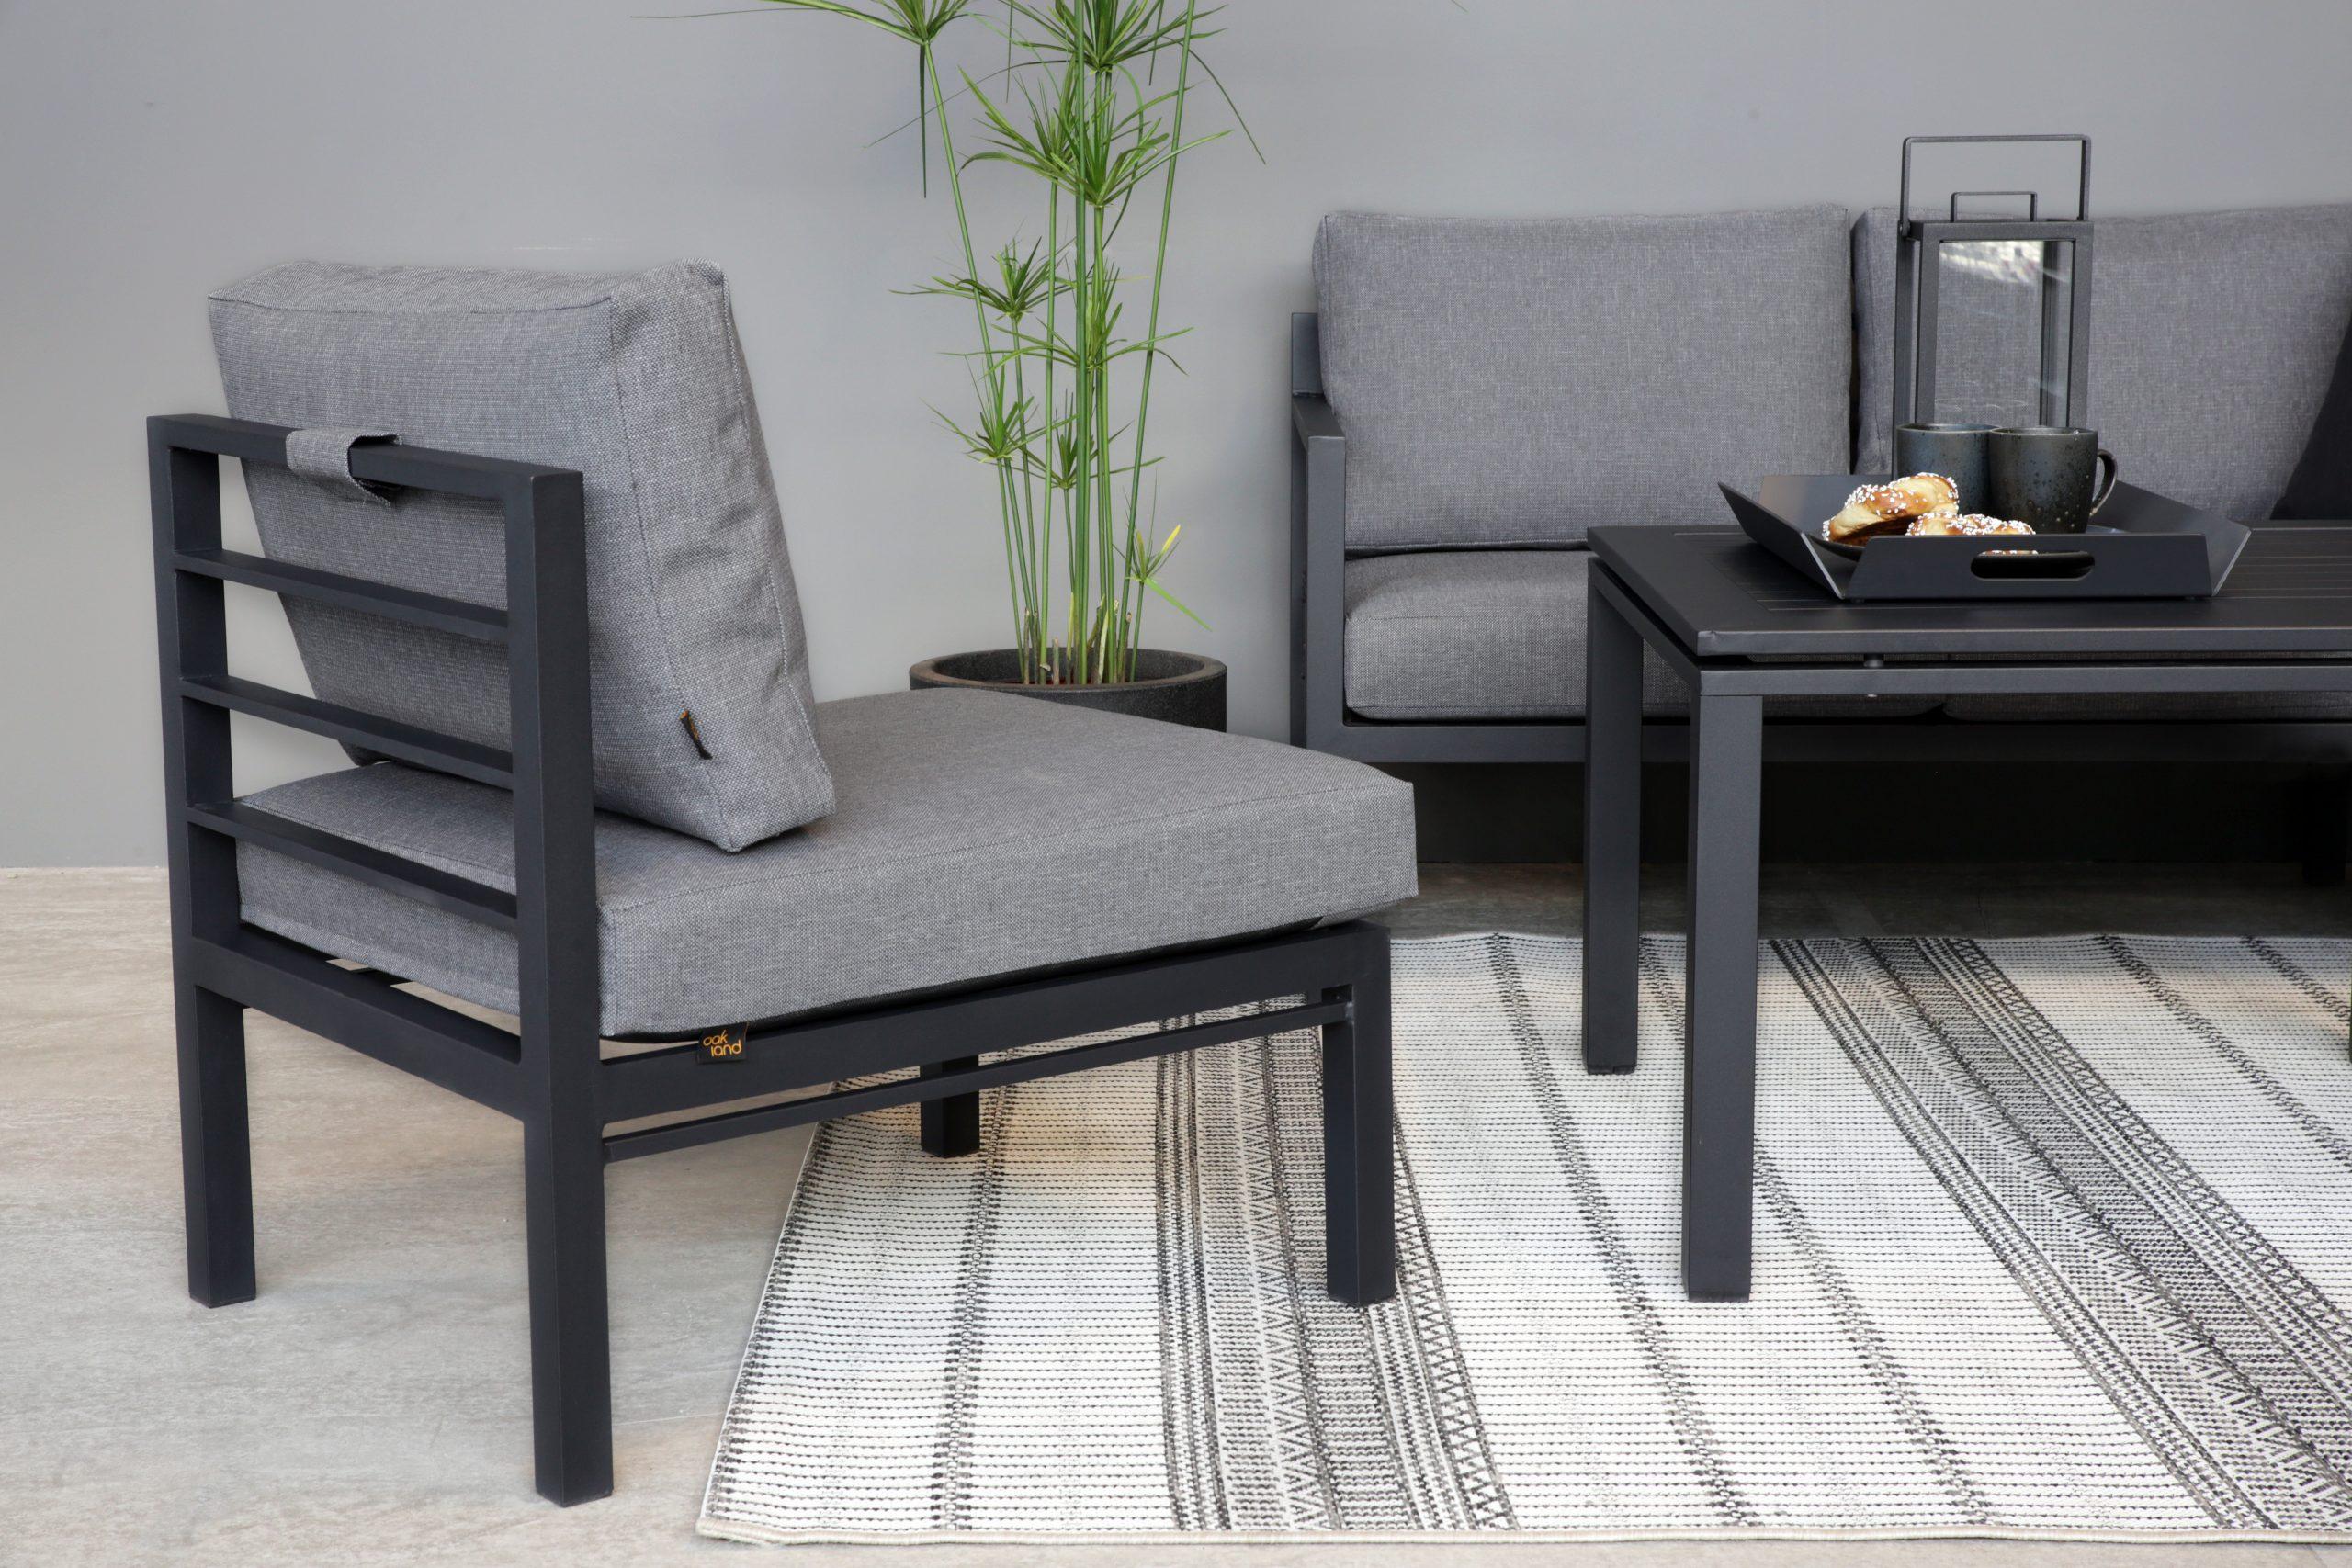 Adelaide 3+2med lite loungebord koks bord skyggegrå midt modul som stol nærme